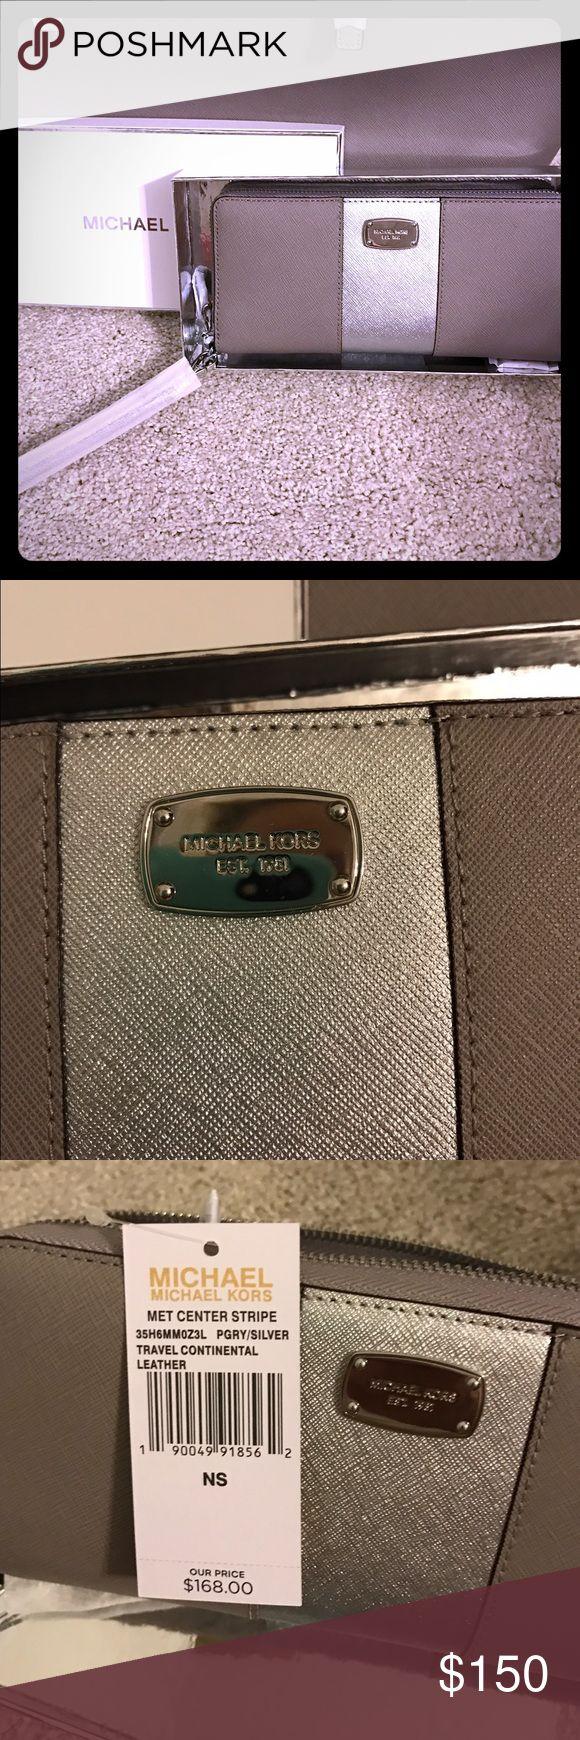 Michael Kors Pearl grey clutch wallet Brand new with tags, pearl grey and silver wallet/clutch. Michael Kors Bags